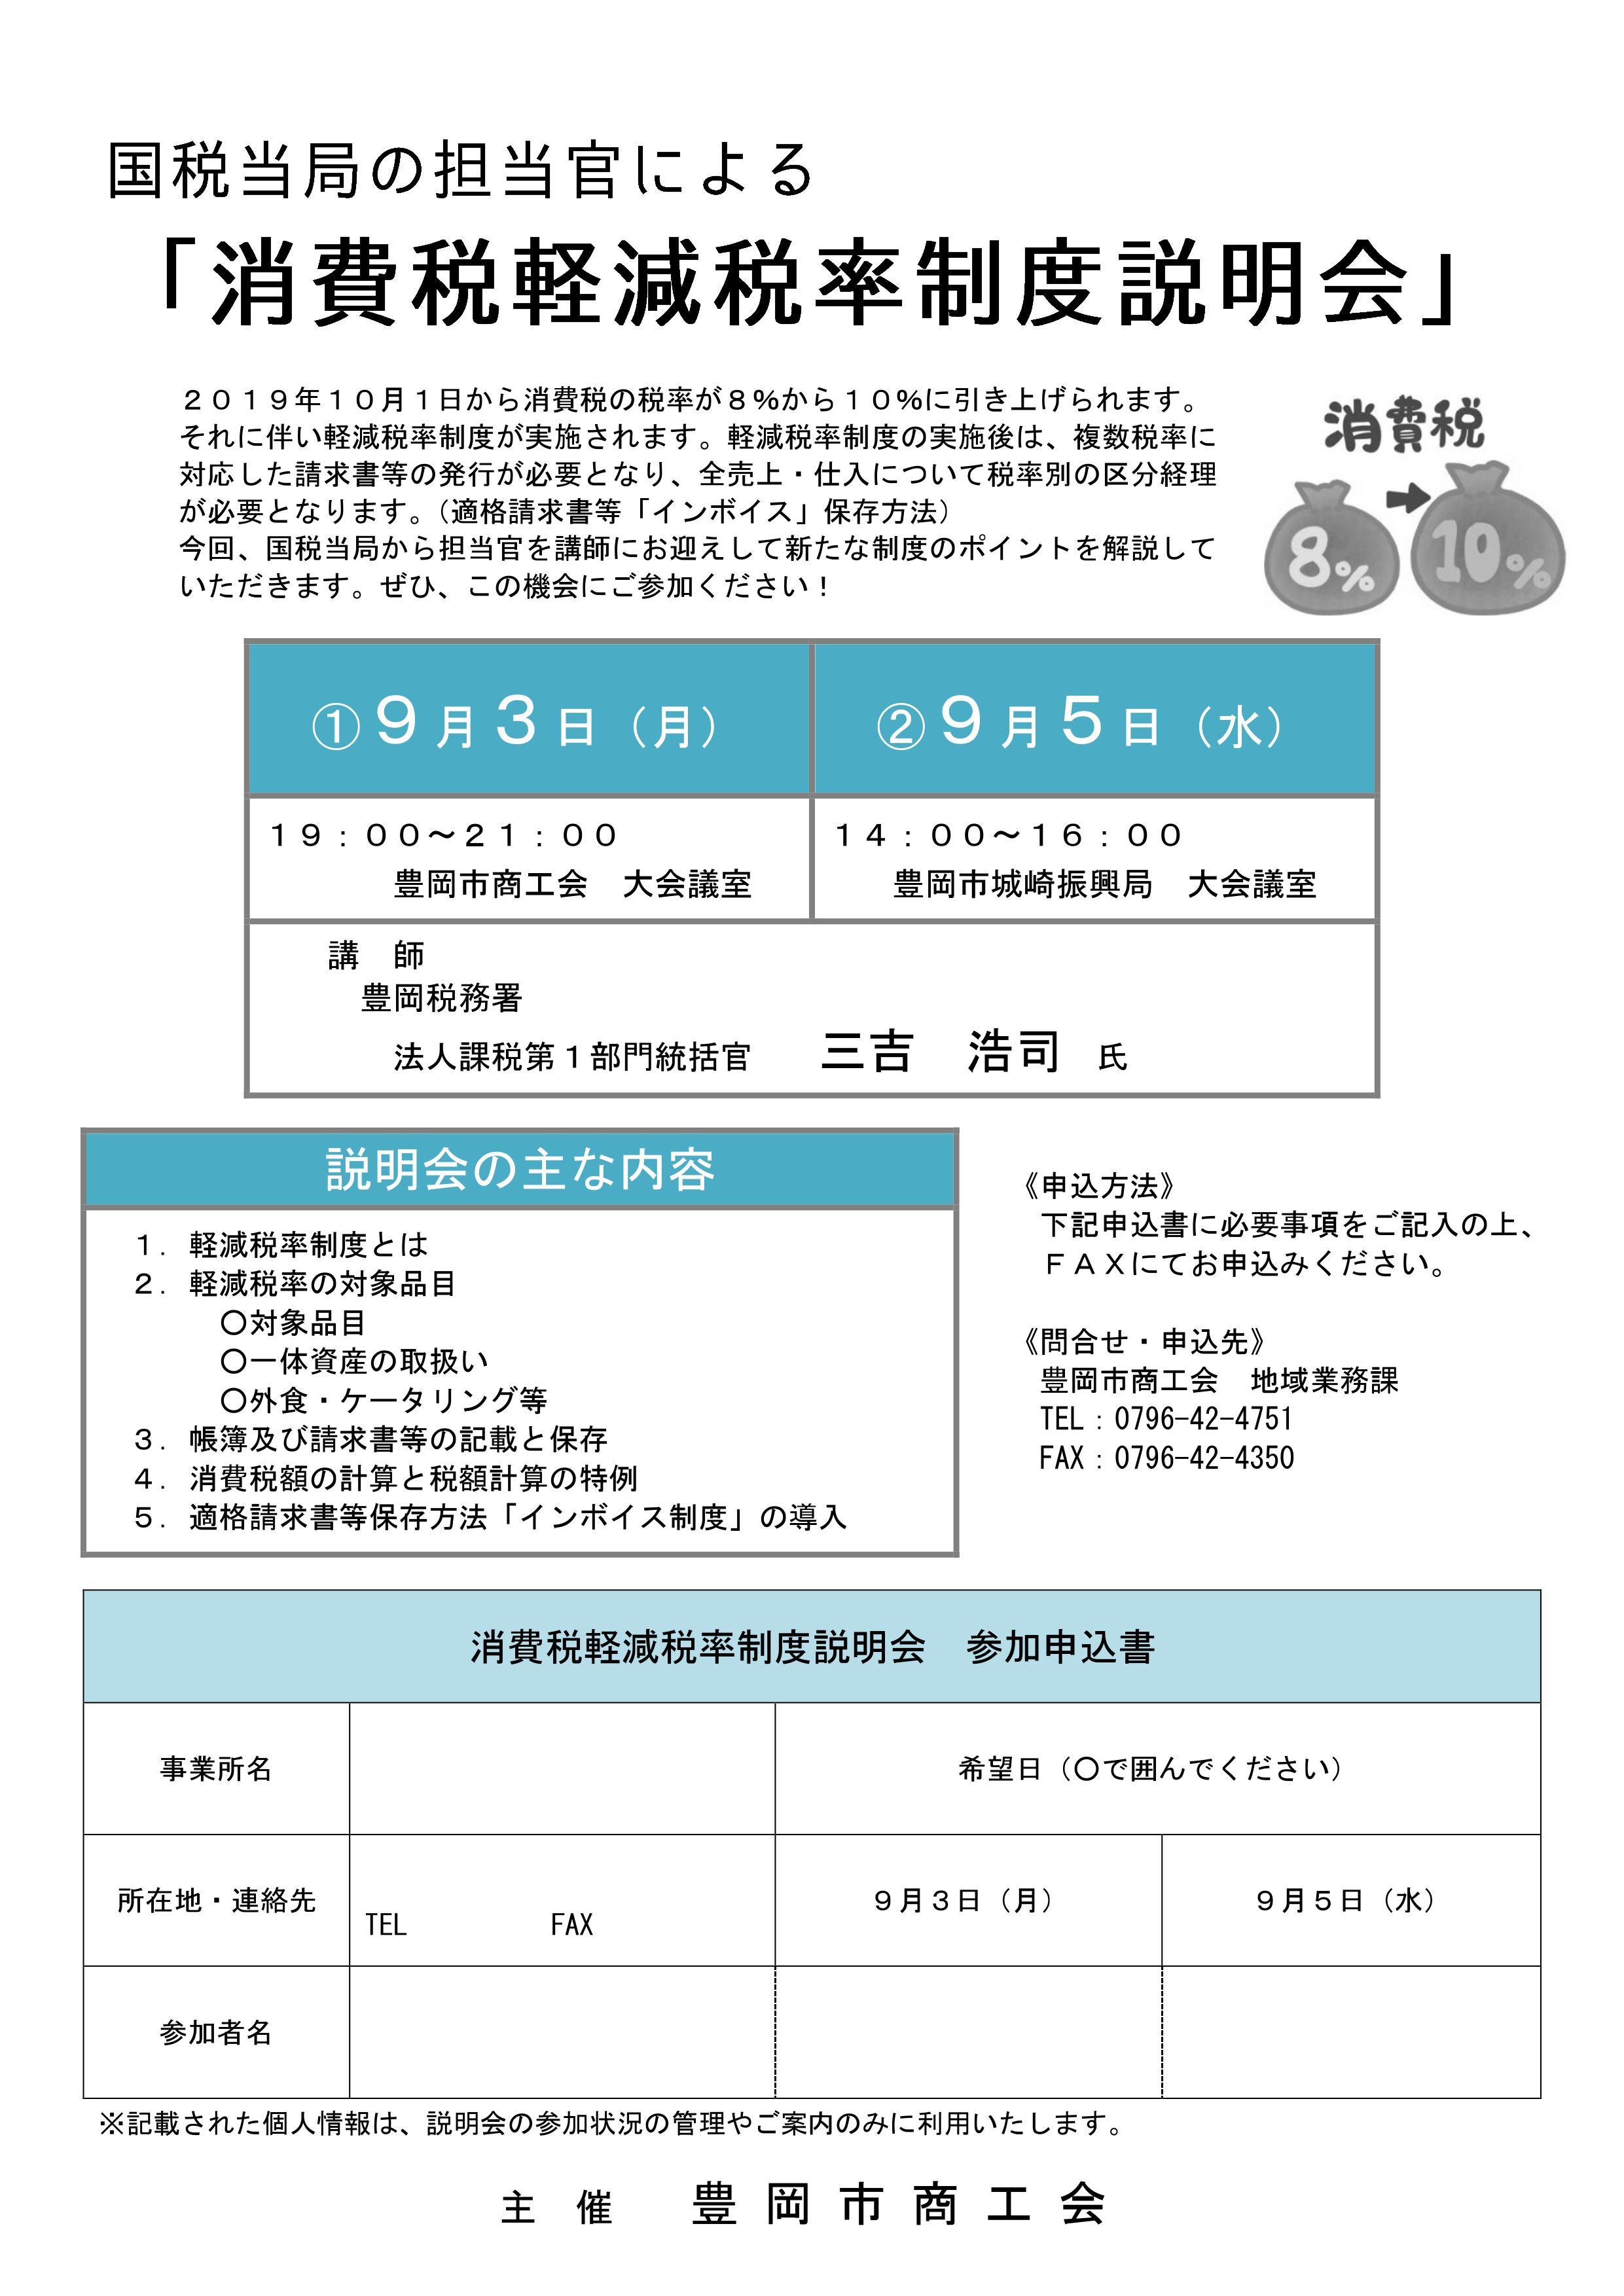 消費 税 の 計算 の 仕方 10